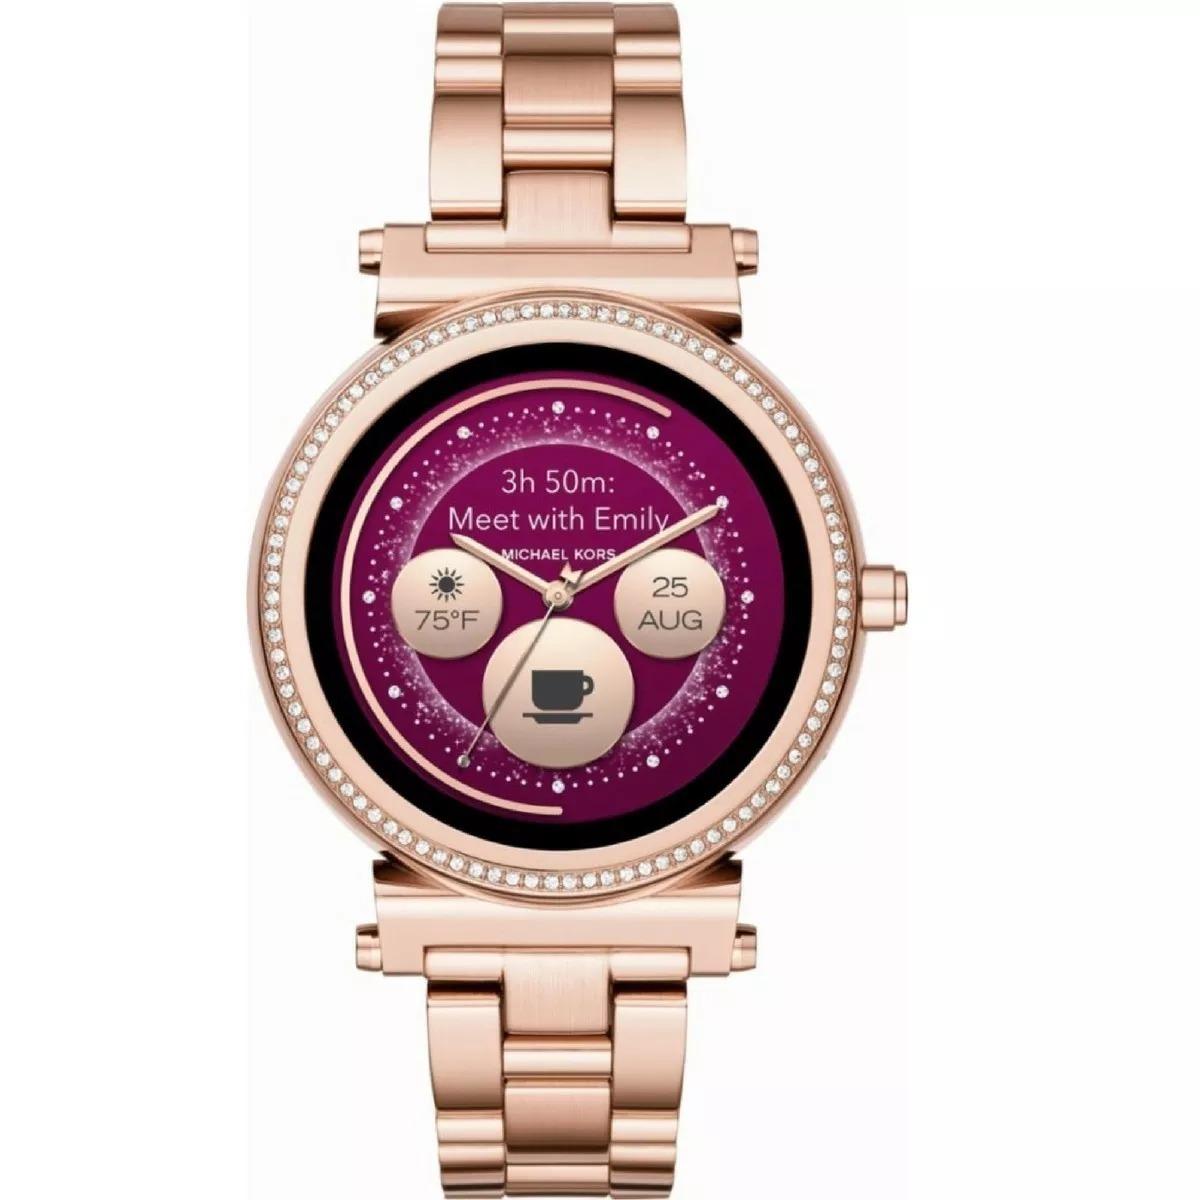 1648b910bd07b relógio michael kors acess smartwatch sofie nova geração usa. Carregando  zoom.